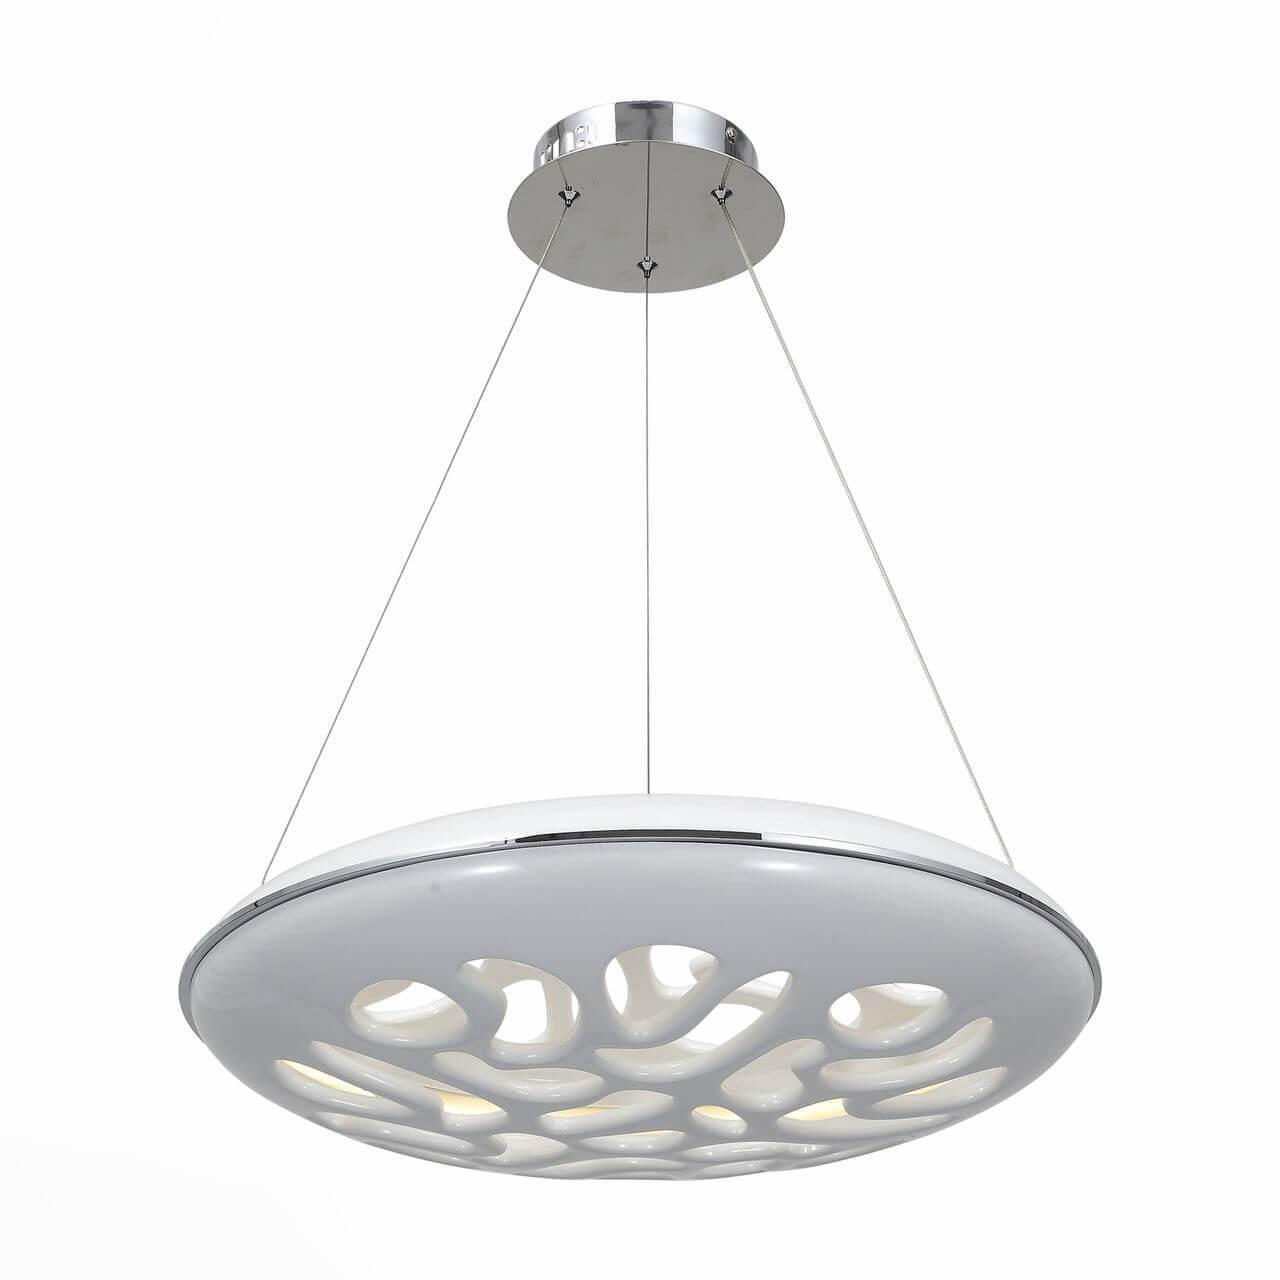 Подвесной светодиодный светильник ST Luce Galatea SL271.503.01D st luce morbi sl311 503 06